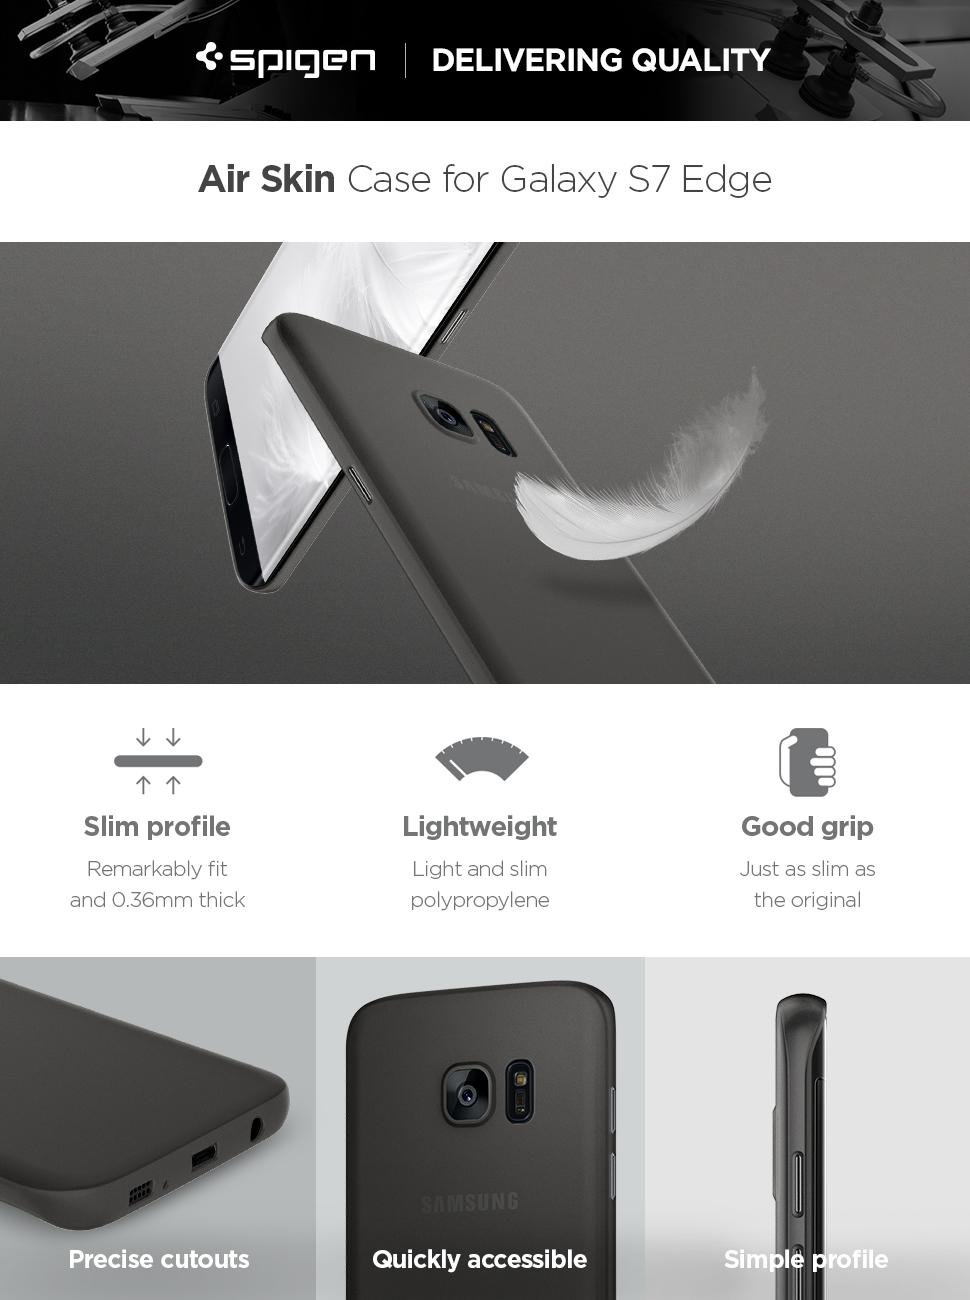 Spigen Air Skin Galaxy S7 Edge Case With Semi Samsung Carbon